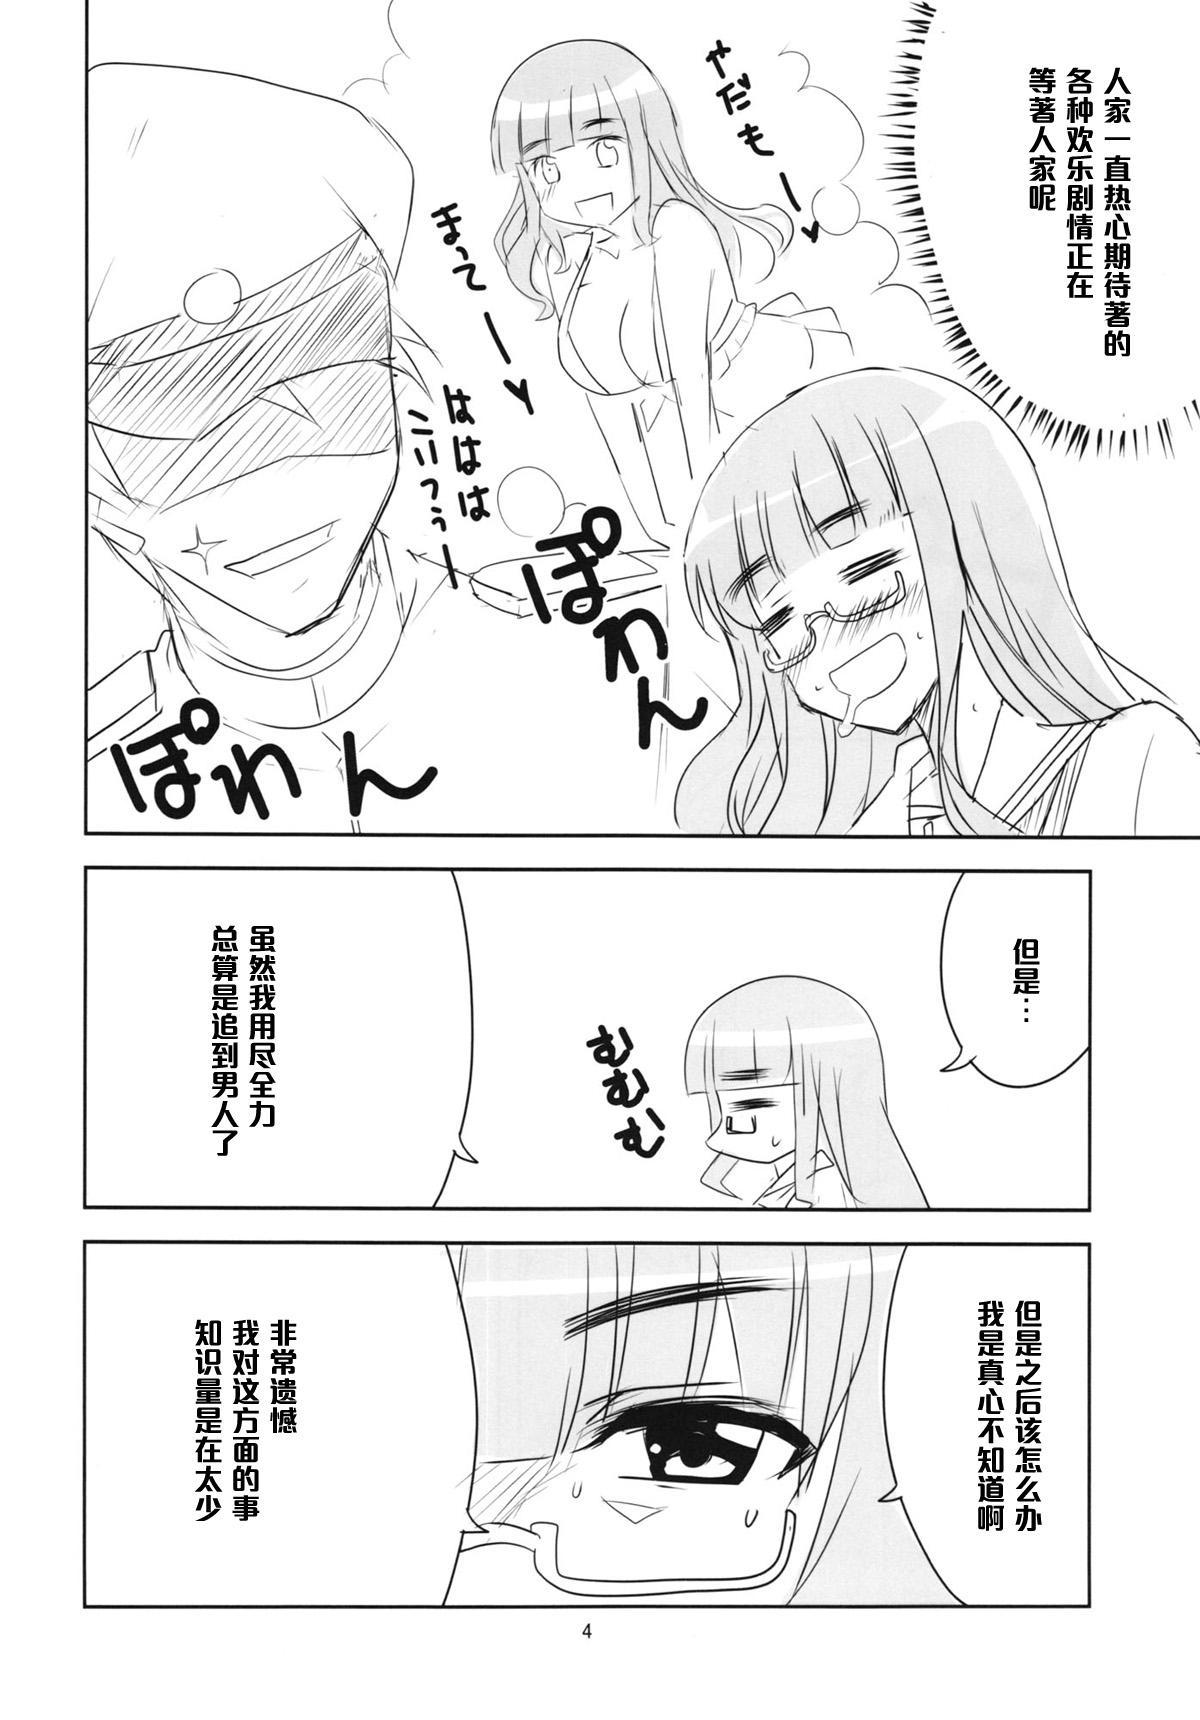 Yoru no Nishizumi ryuu 5